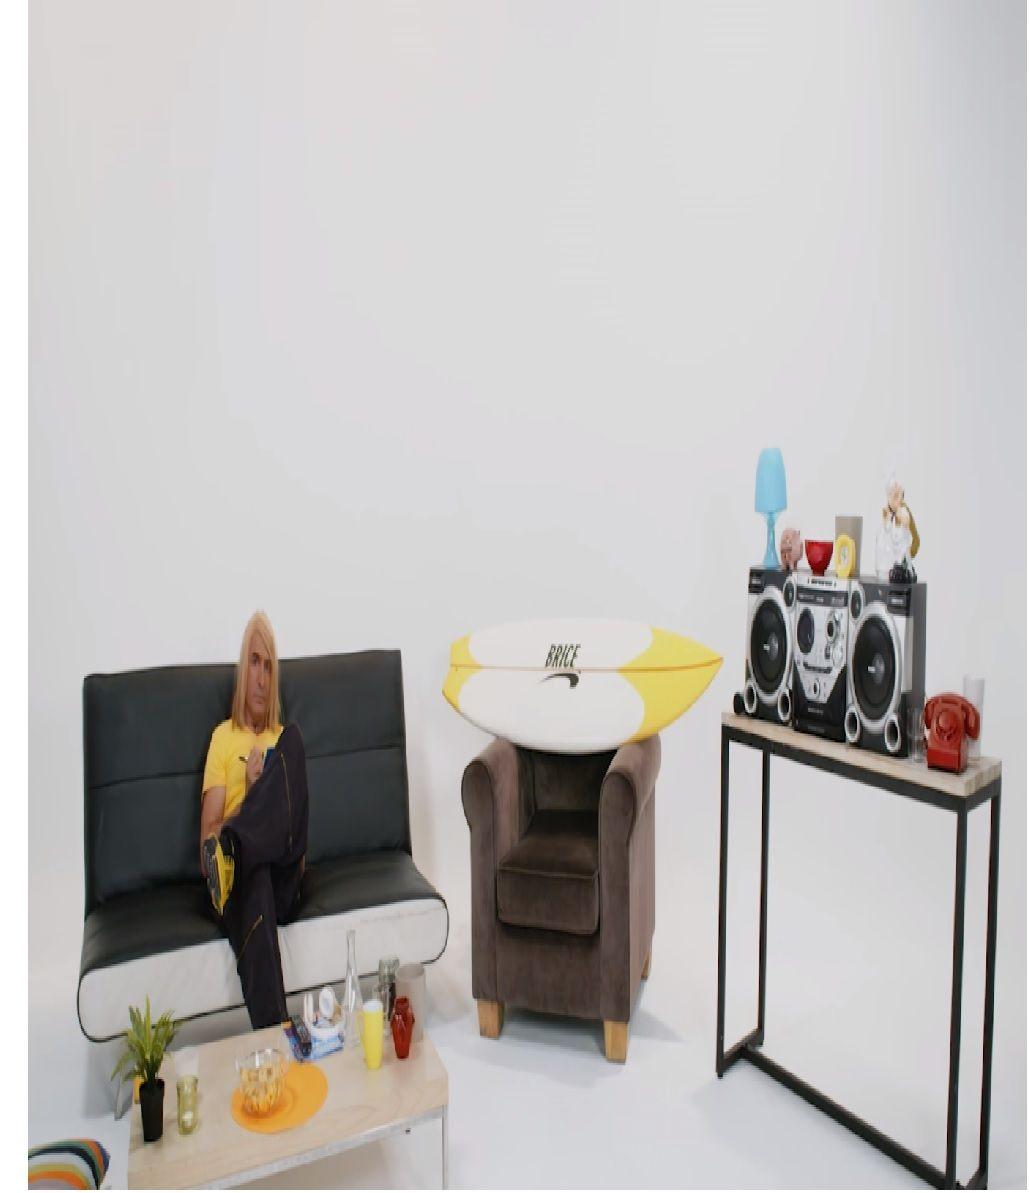 brice de nice 3 film complet vf avec jean dujardin film 2016. Black Bedroom Furniture Sets. Home Design Ideas